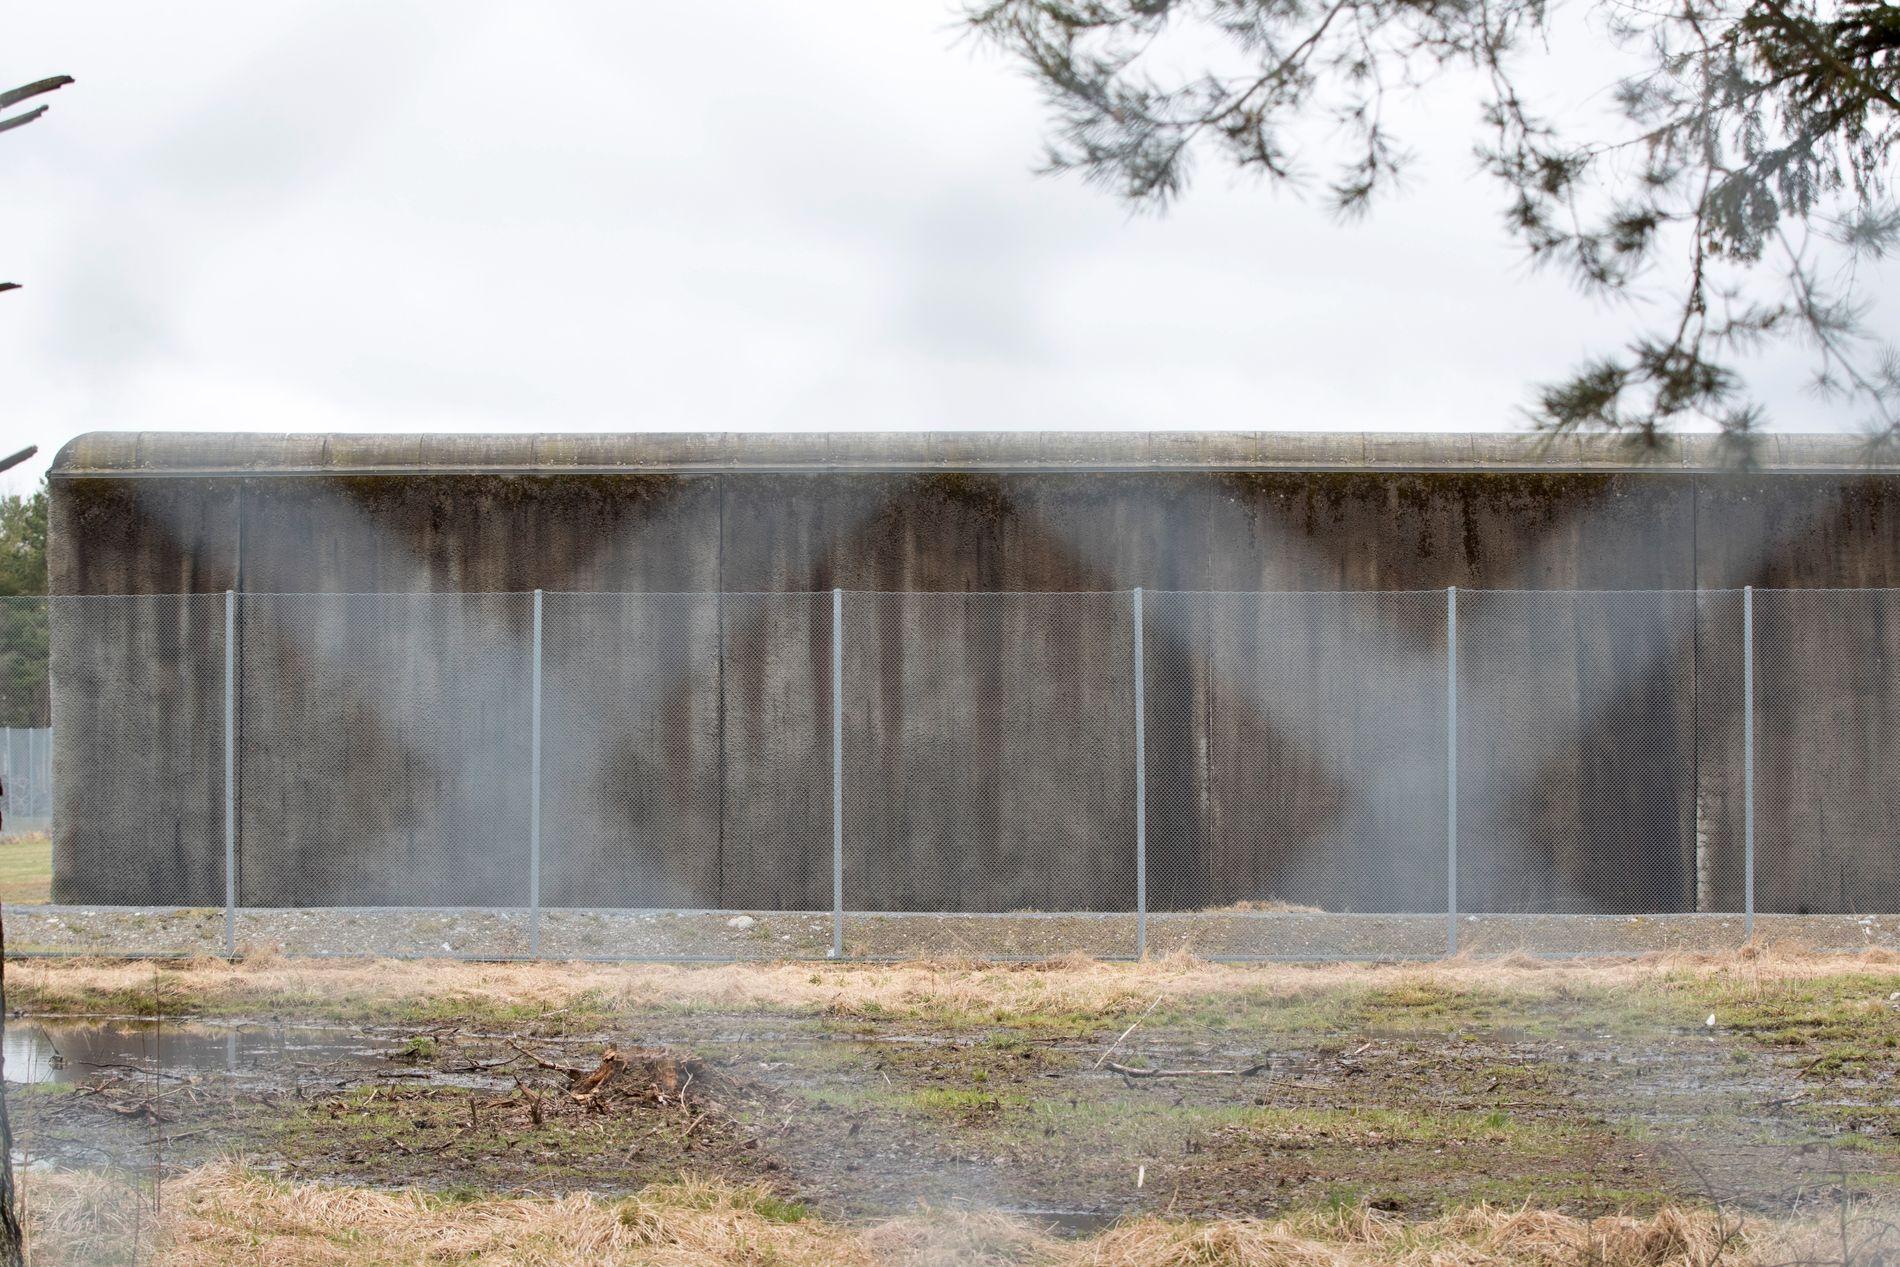 UNDERSØKER: Kriminalomsorgsdirektoratet undersøker saken hvor innsatte skal ha måket snø på hytta til en fengselsleder. Dette er et illustrasjonsbilde.